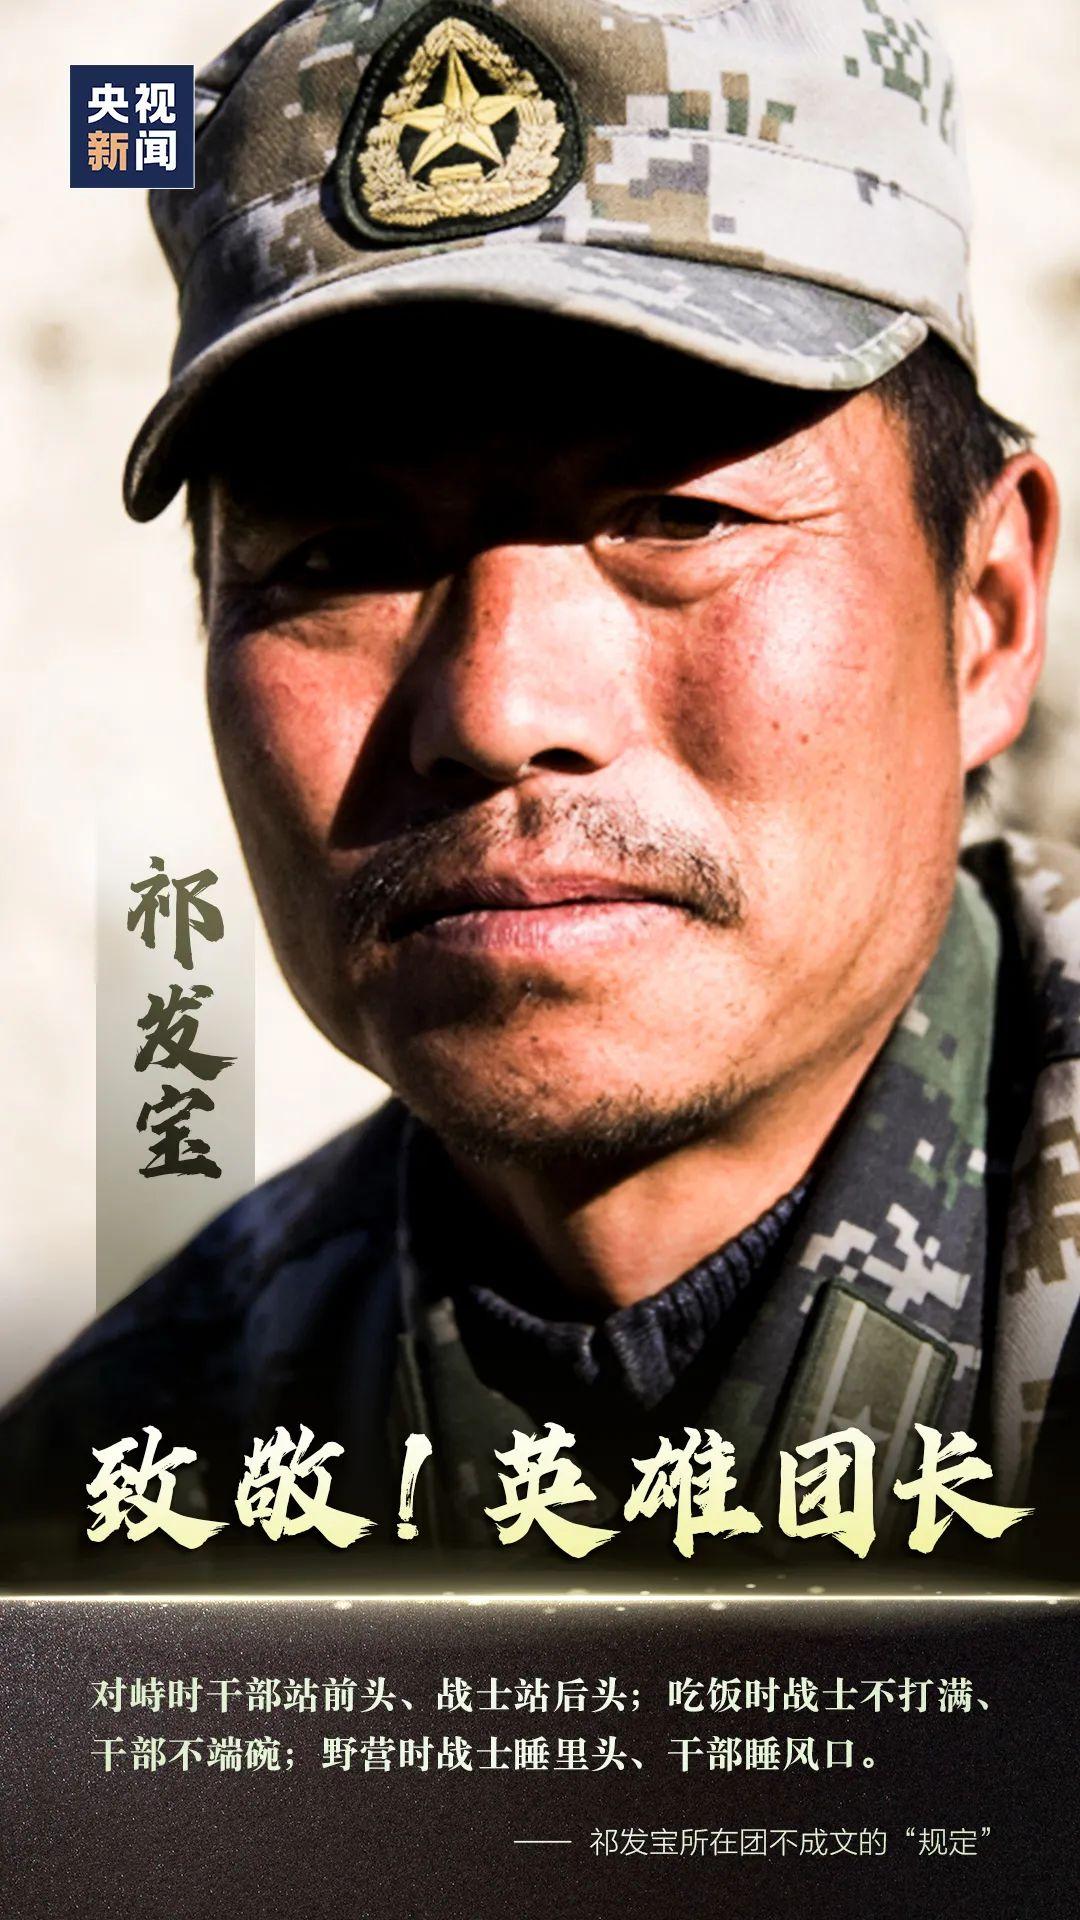 英雄团长祁发宝传来好消息!图片